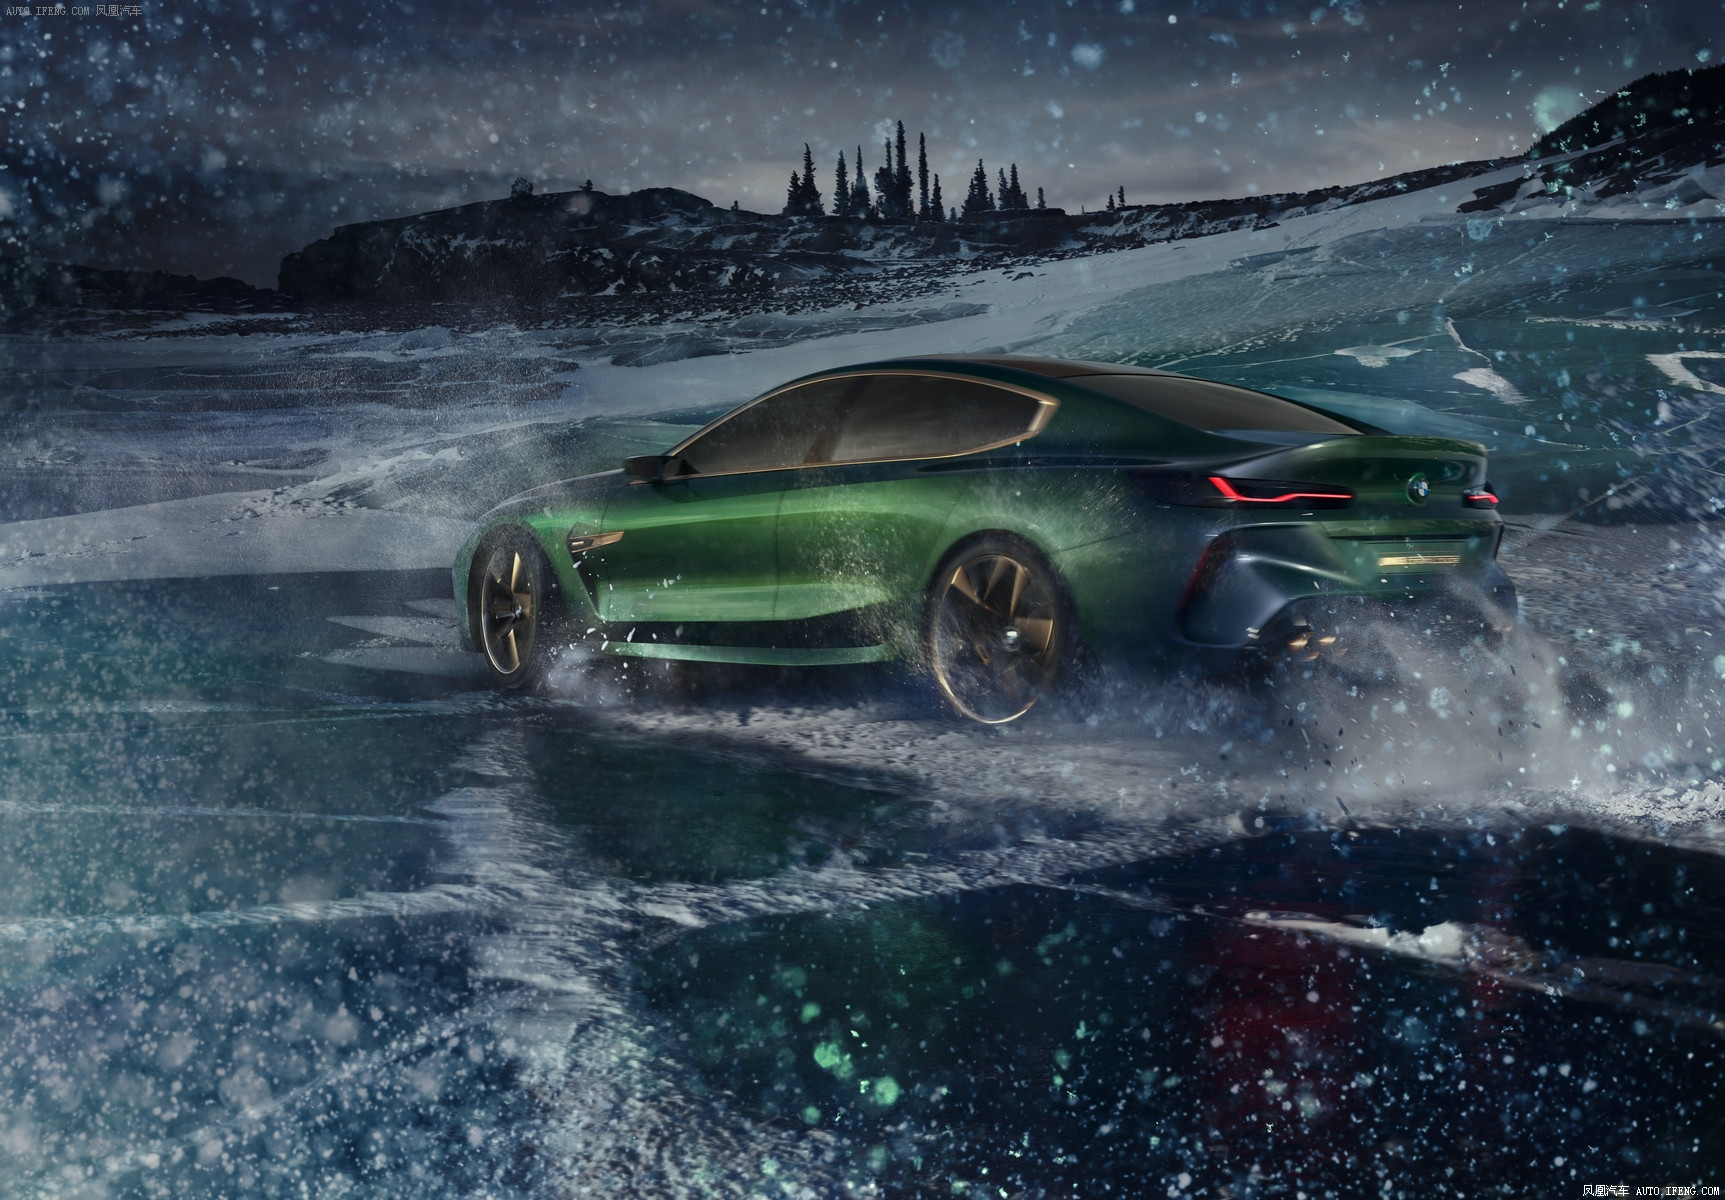 纯粹驾趣创造极致体验 BMW向大型豪华车